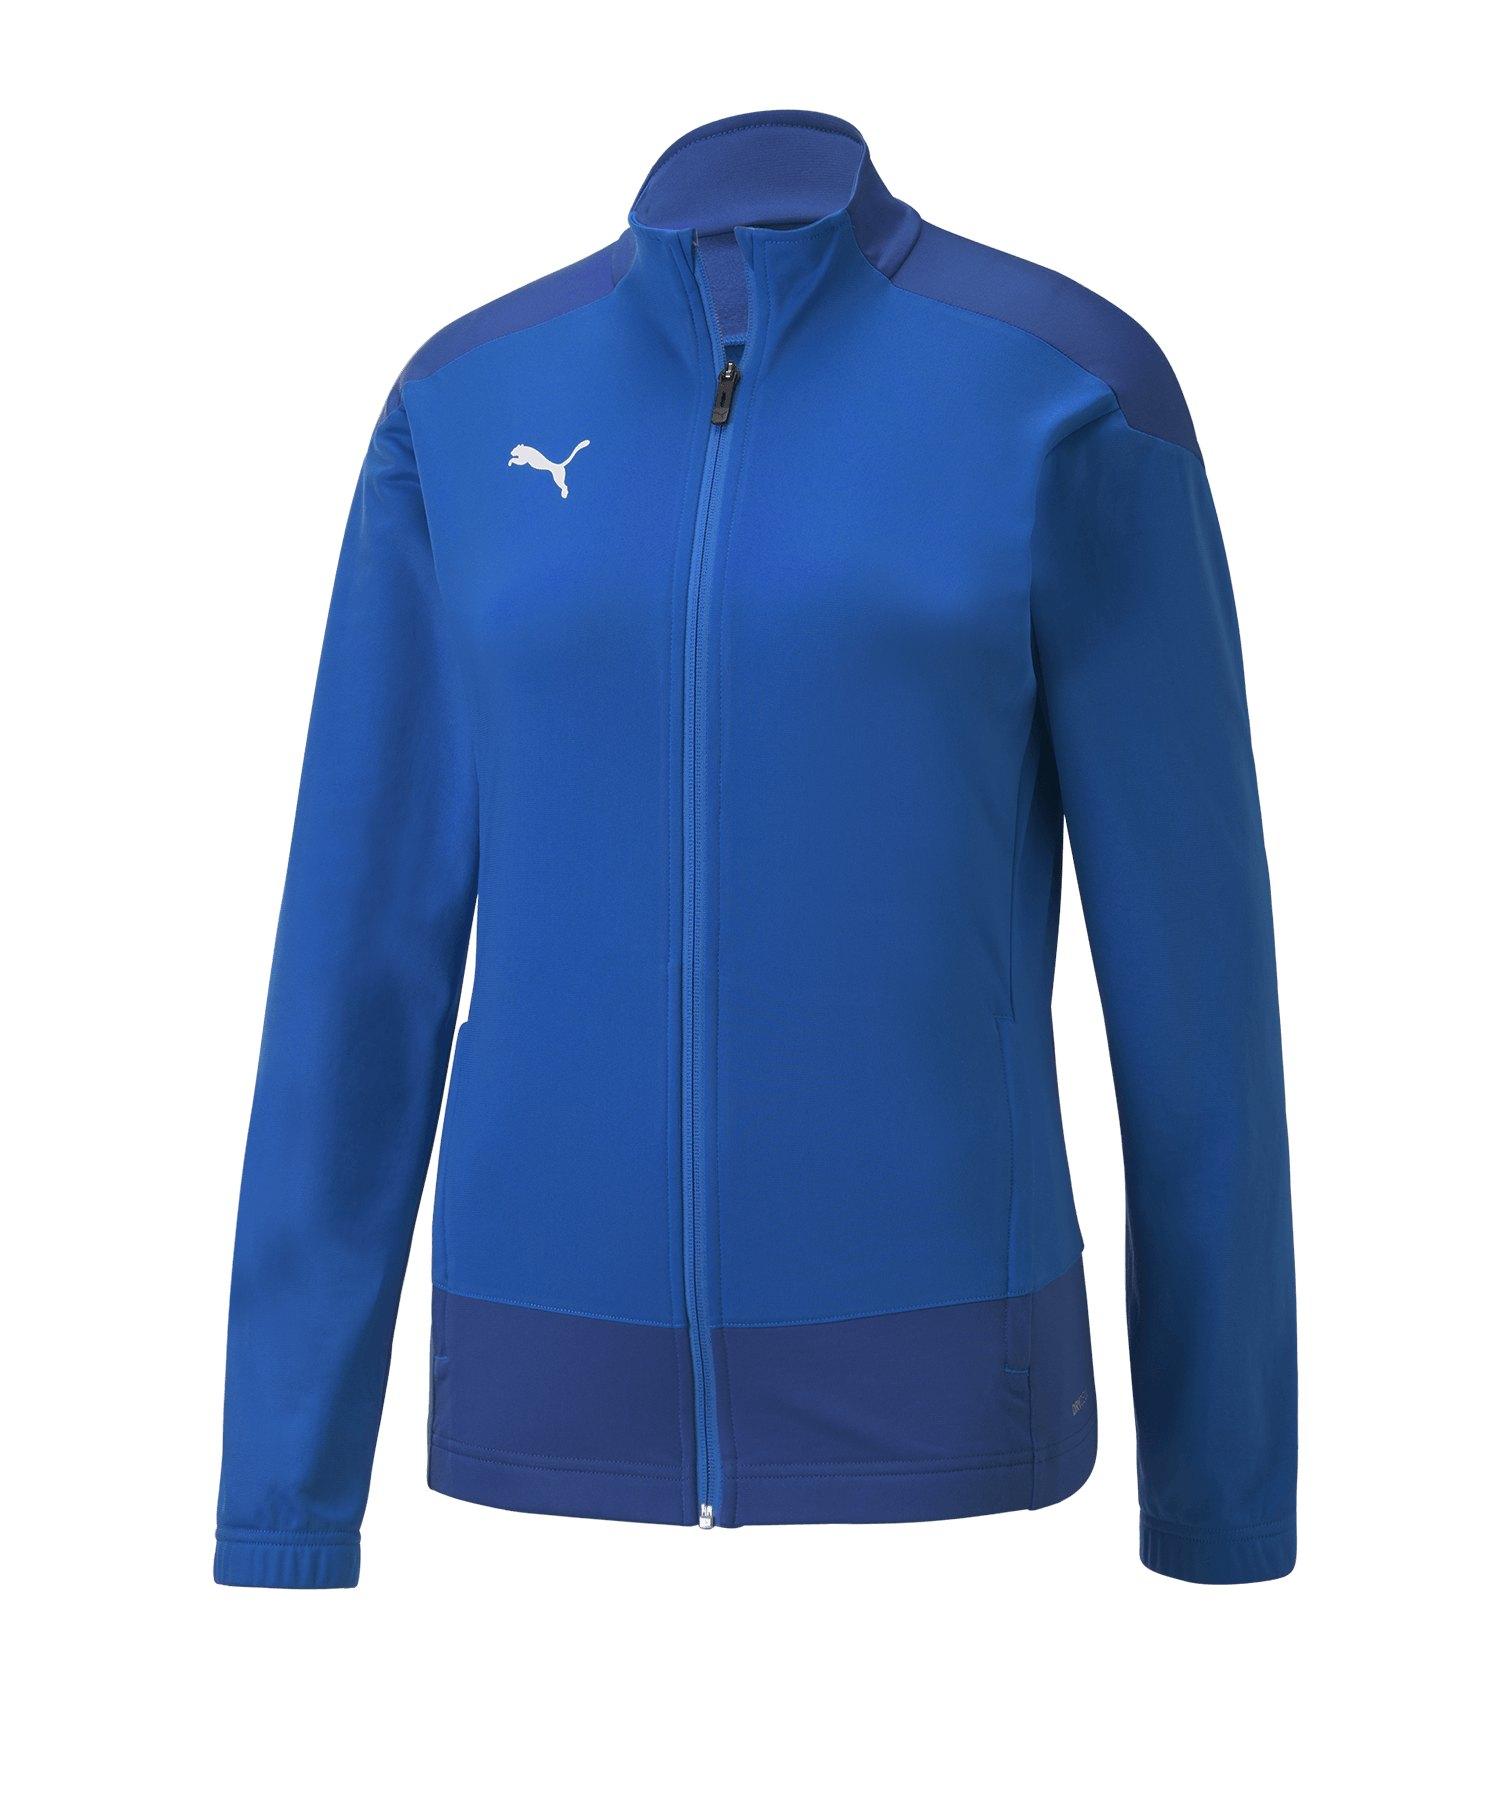 PUMA teamGOAL 23 Training Polyesterjacke Damen F02 - blau